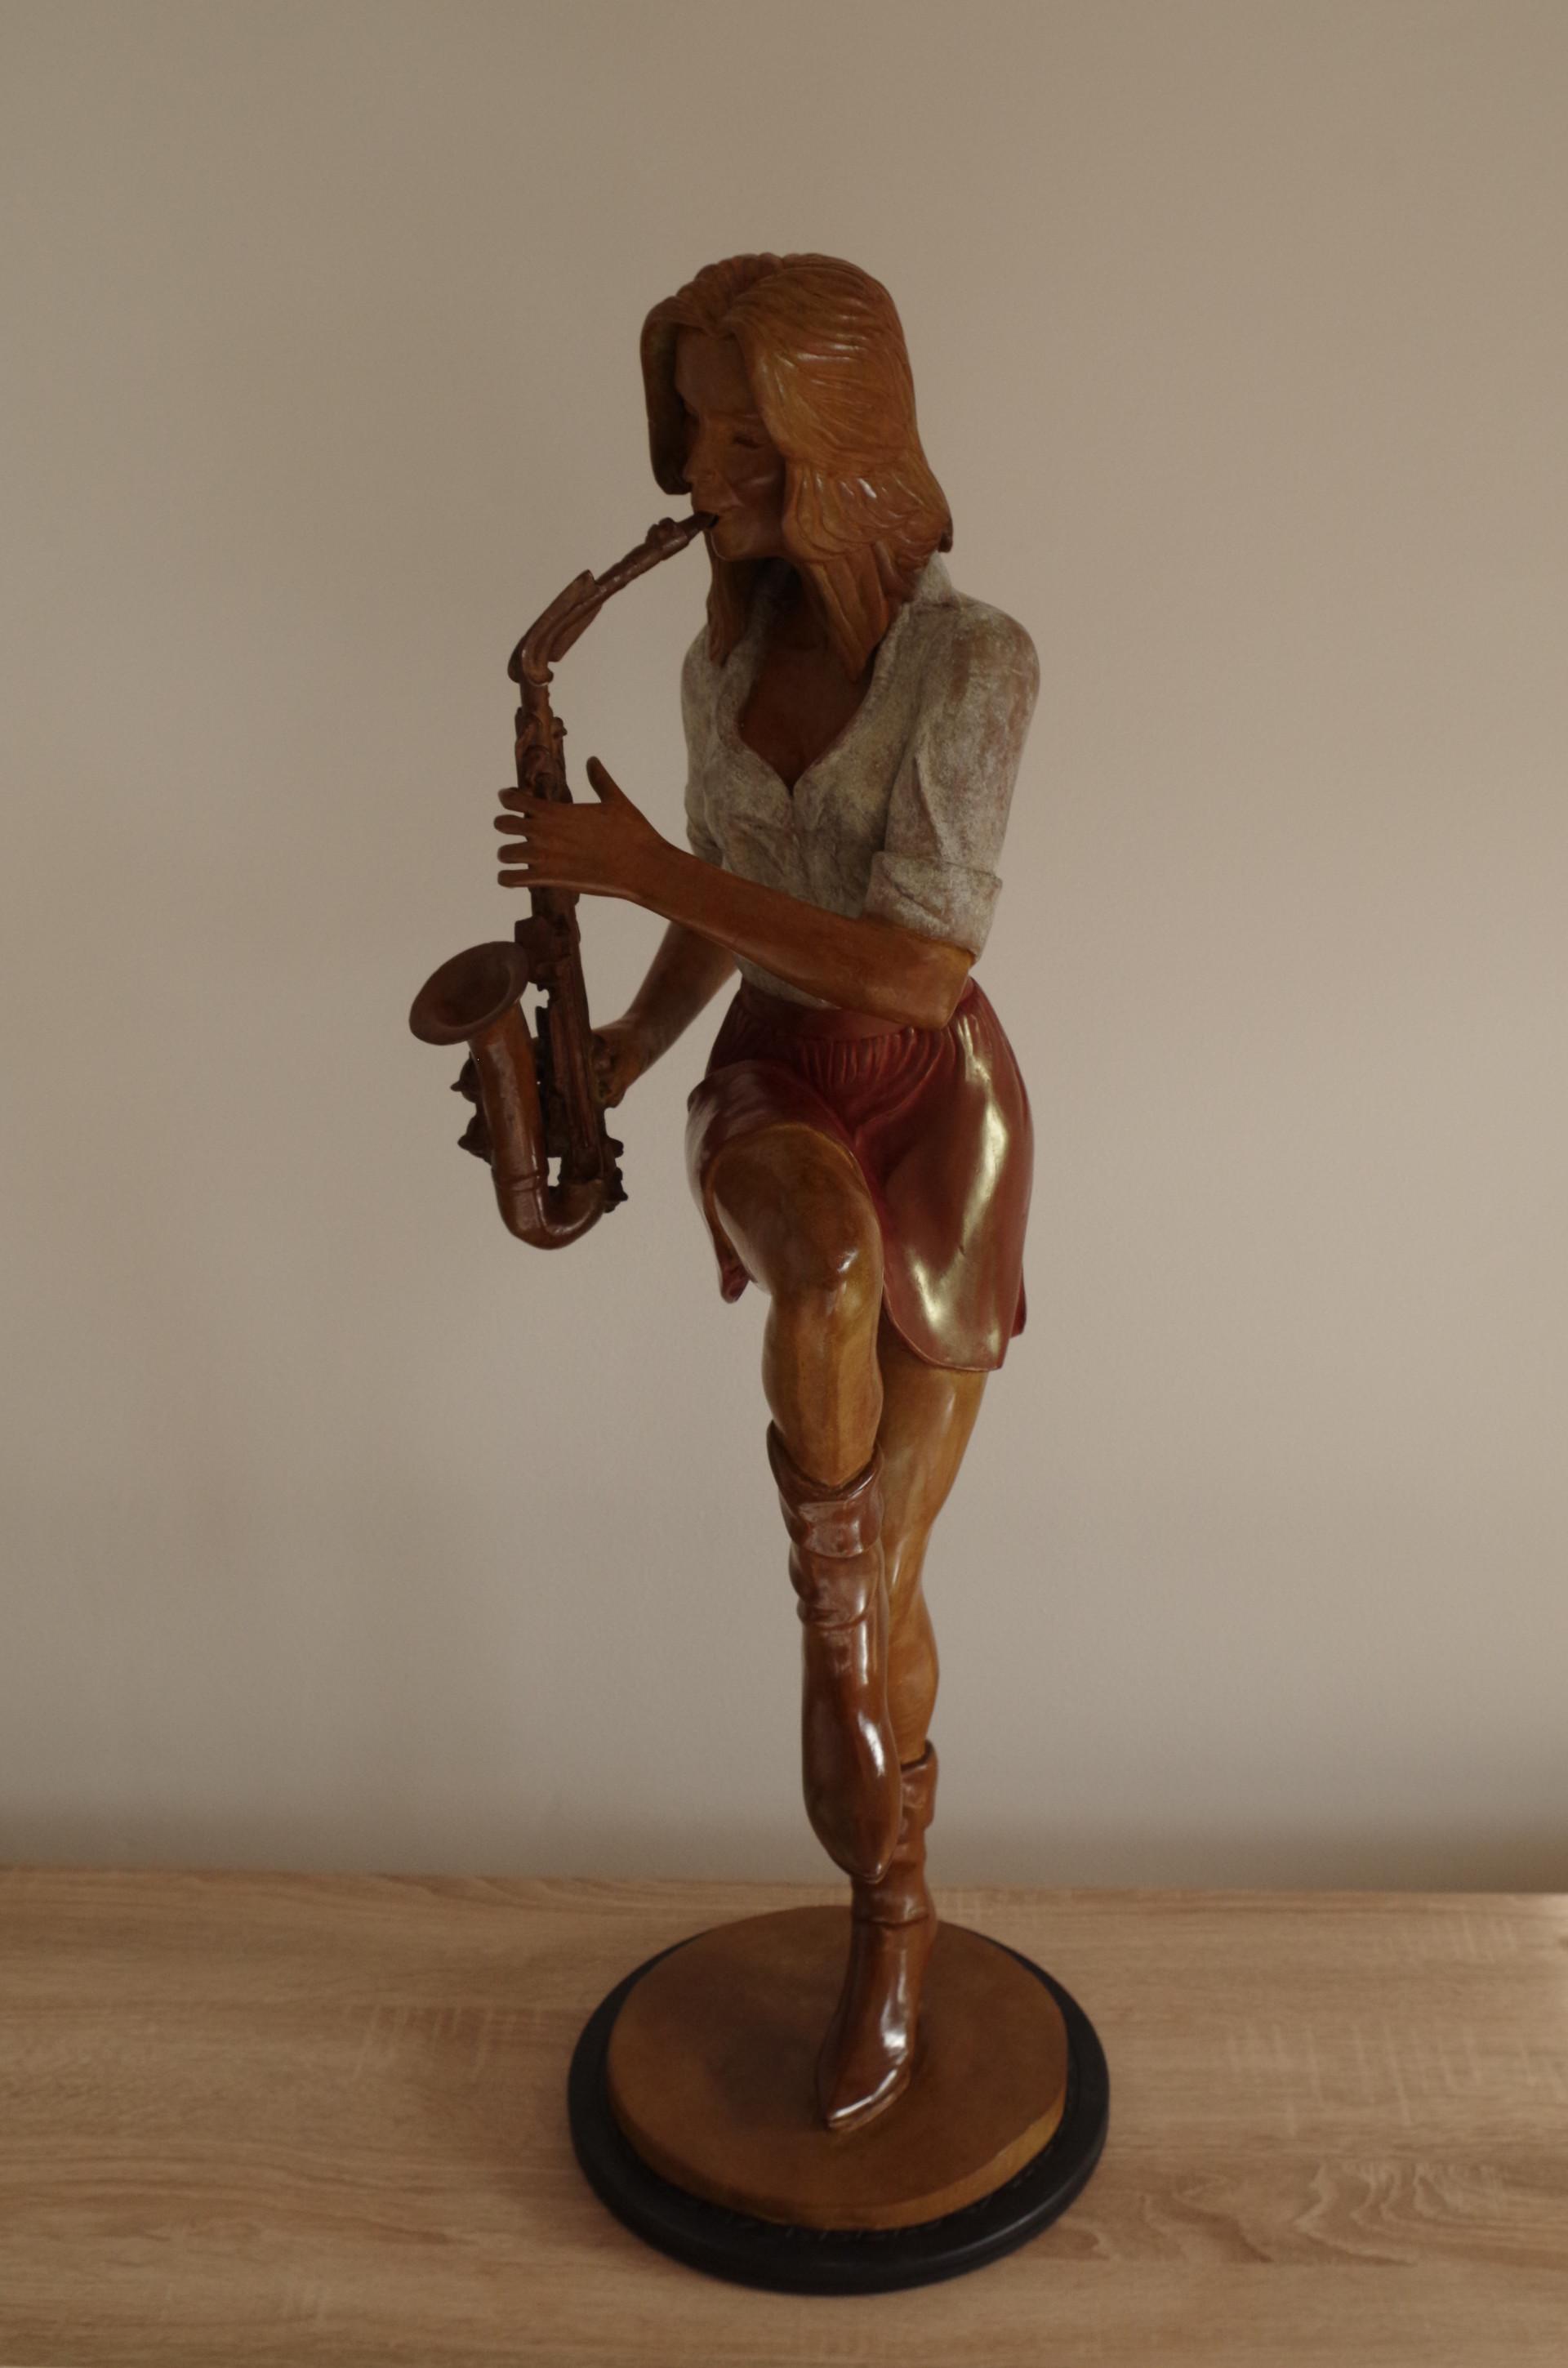 Elle jouait du saxo debout